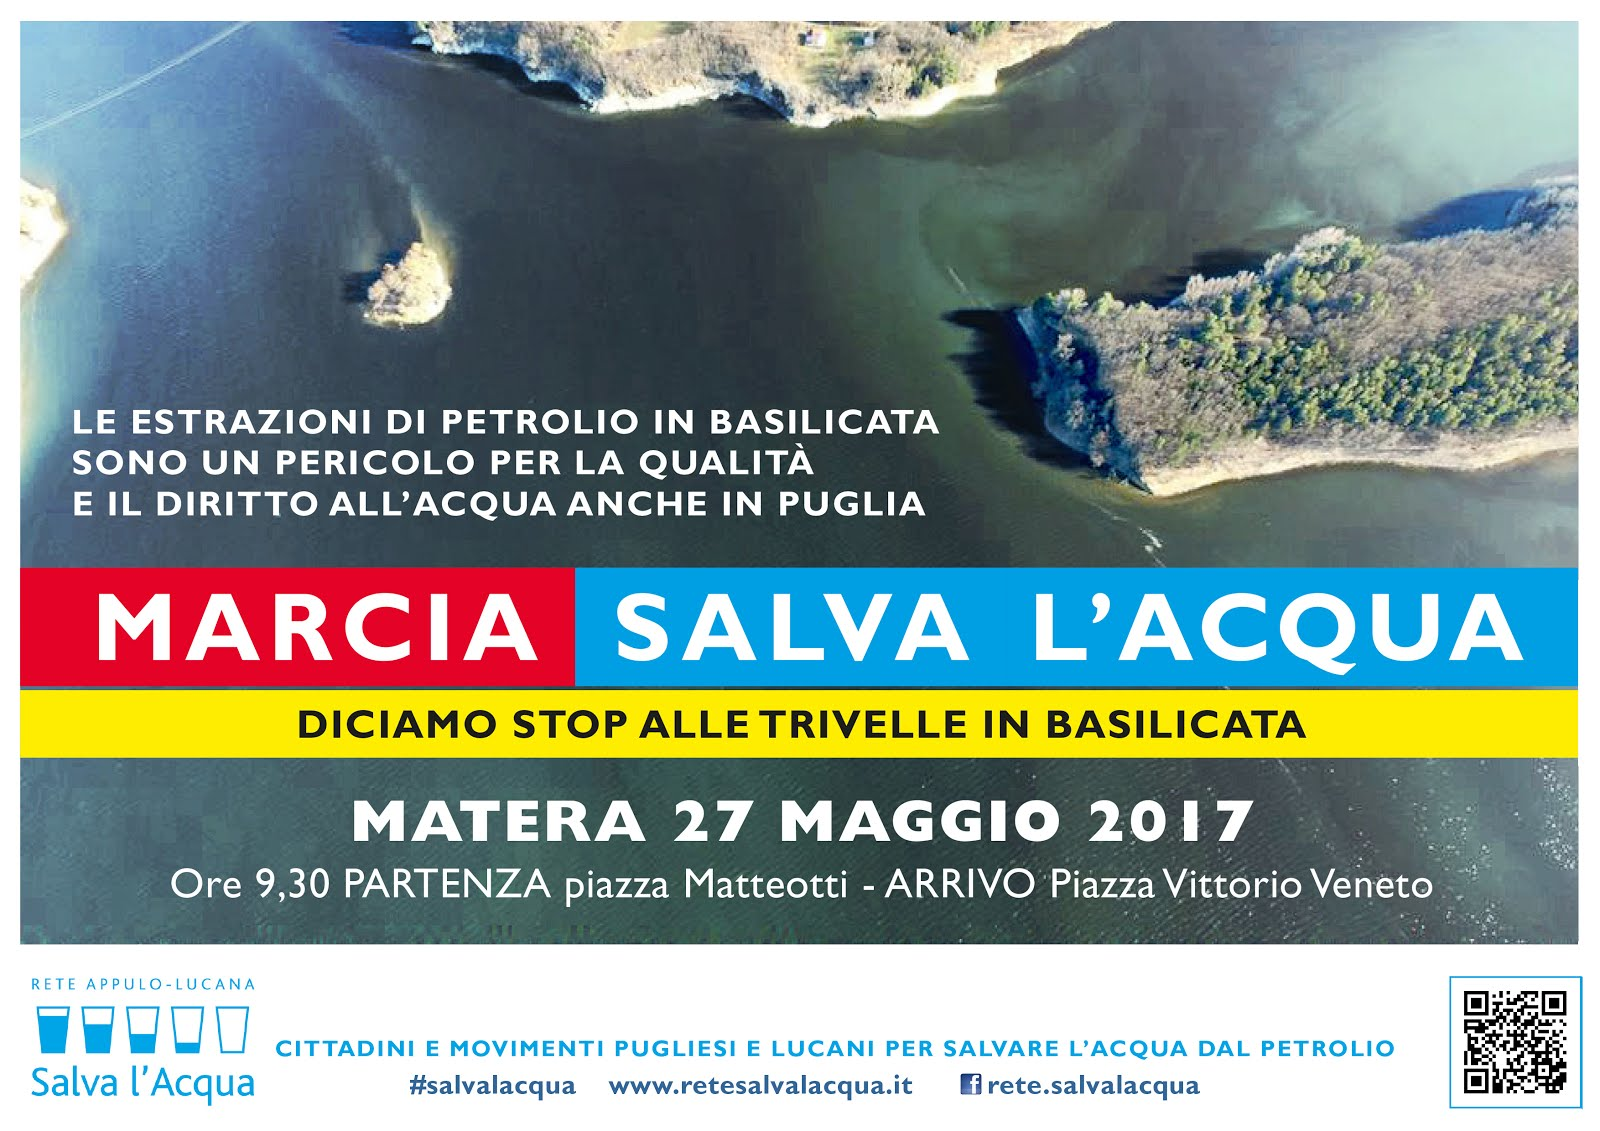 MARCIA #SALVALACQUA a Matera